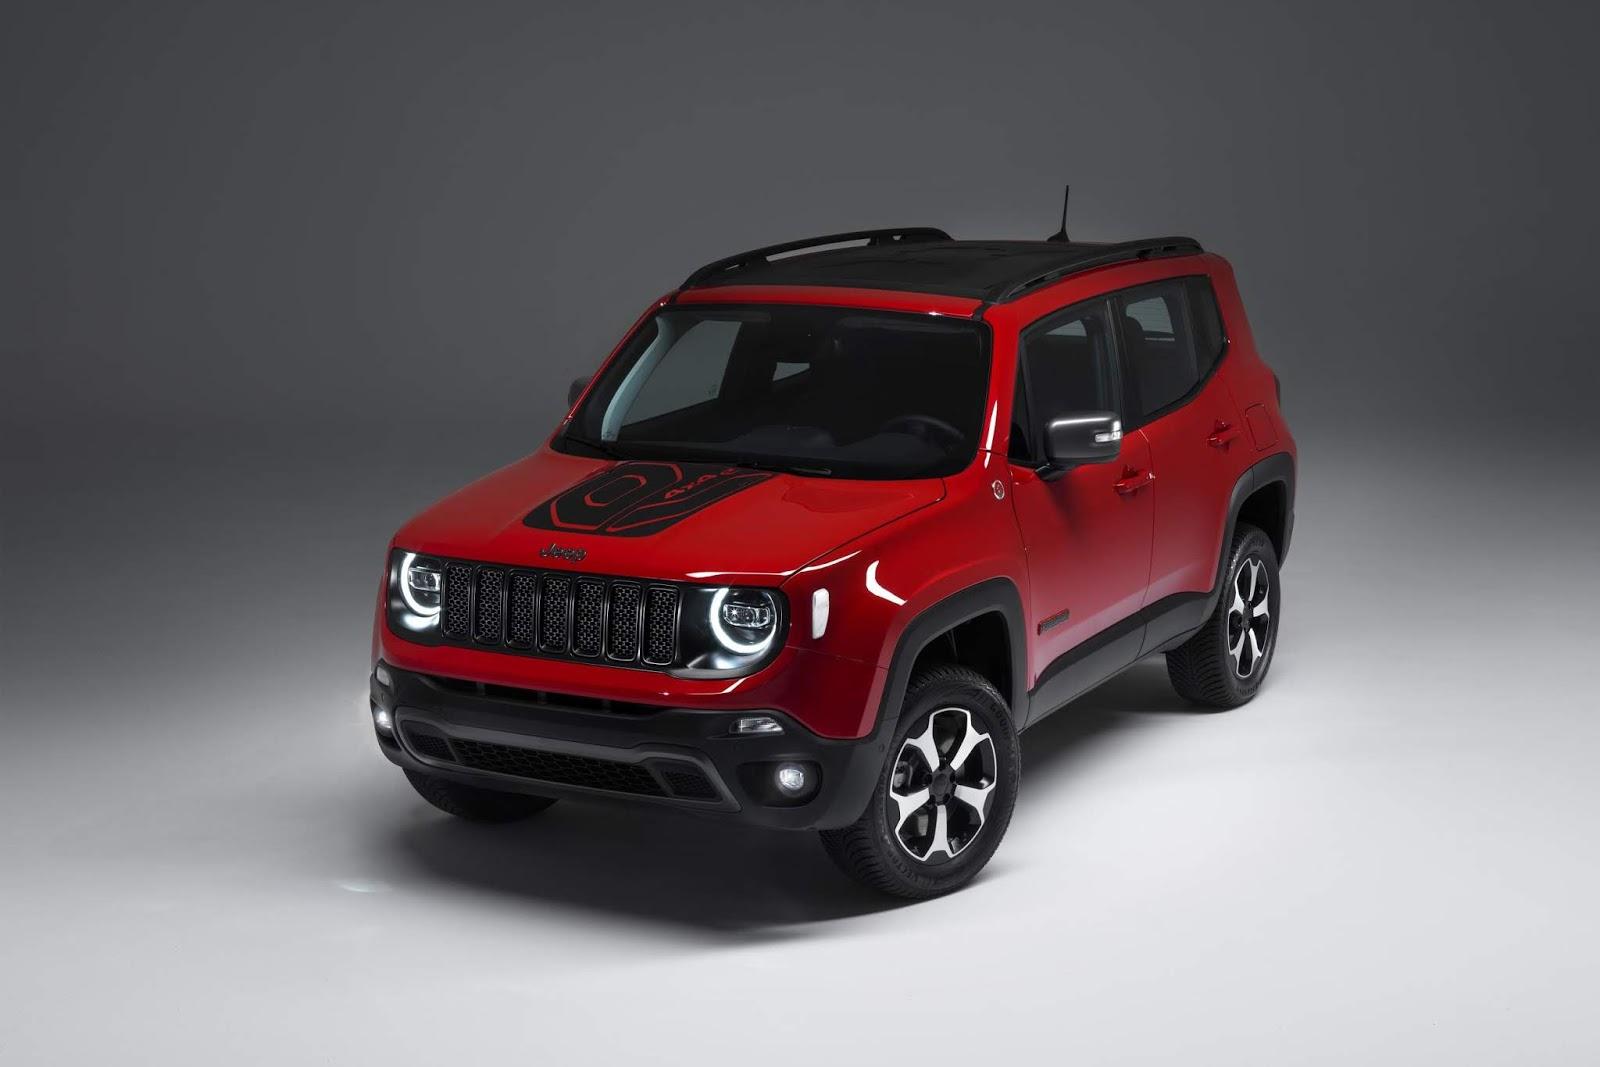 El Jeep Renegade estrena versión híbrida enchufable